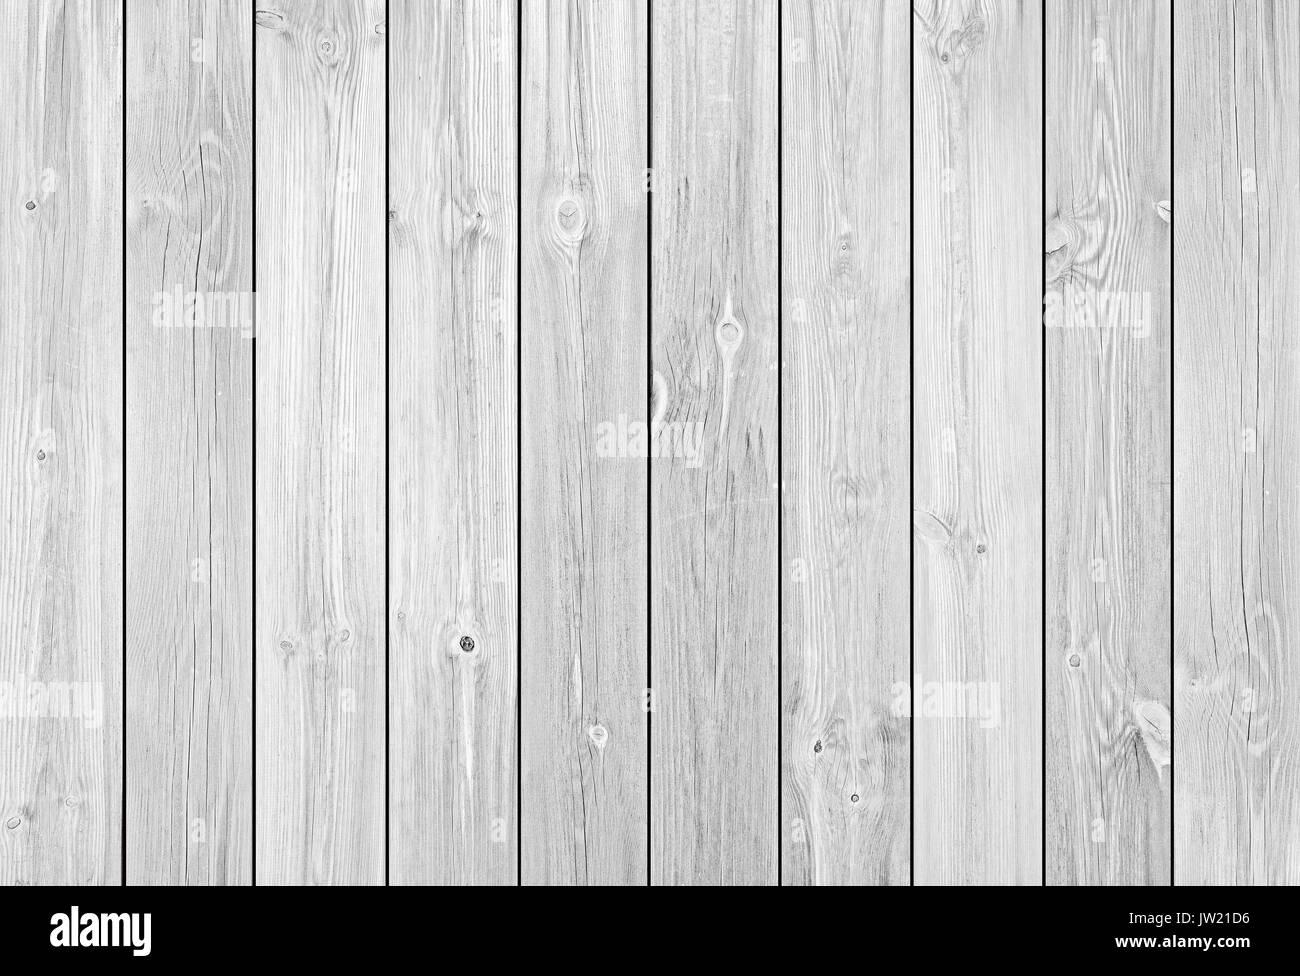 Legno Naturale Bianco : Bianco di tavole di legno come sfondo o texture schema naturale